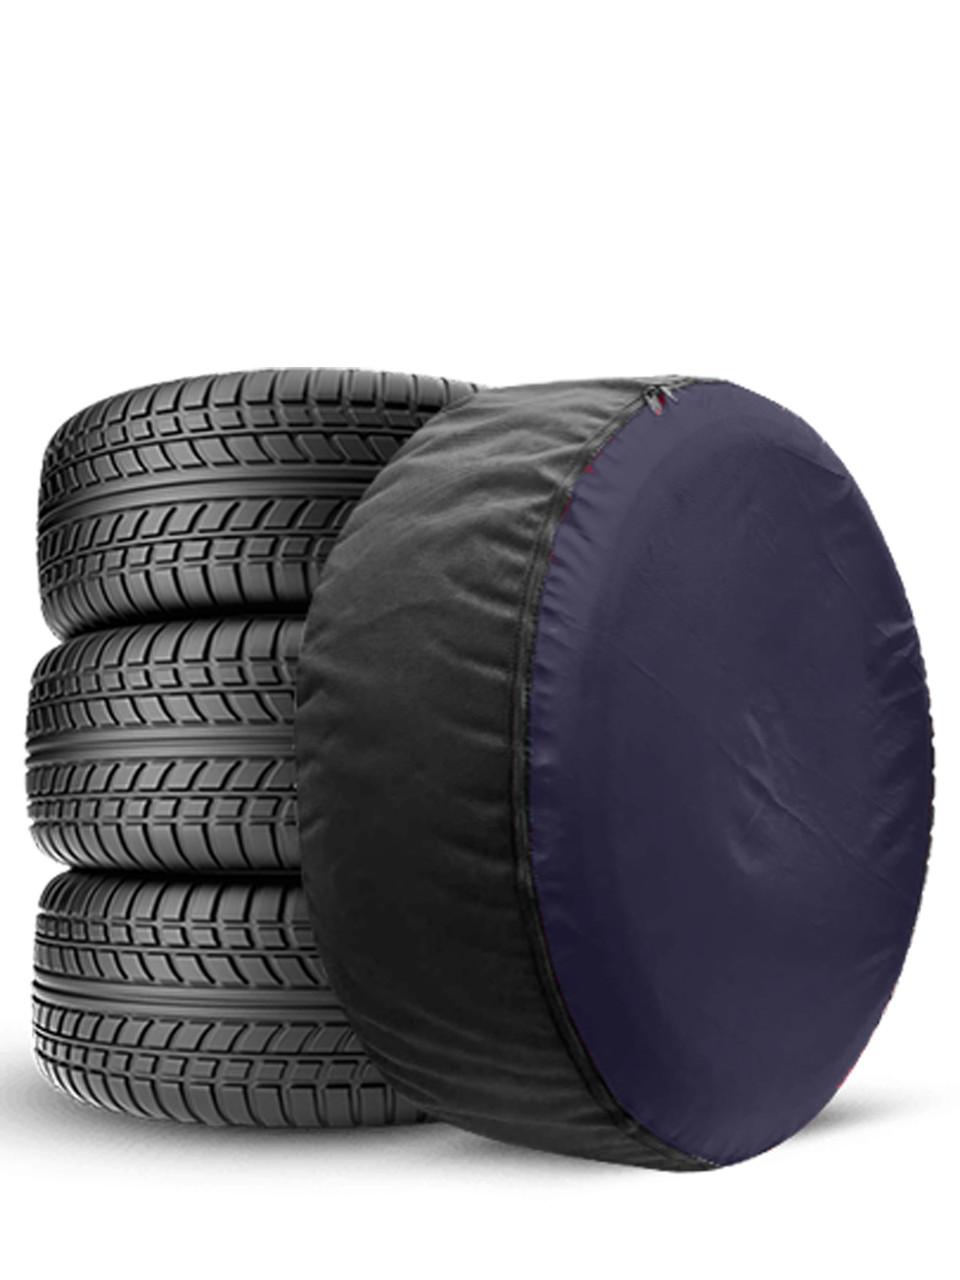 Чохол для запасного колеса Coverbag Full Protection XL синій